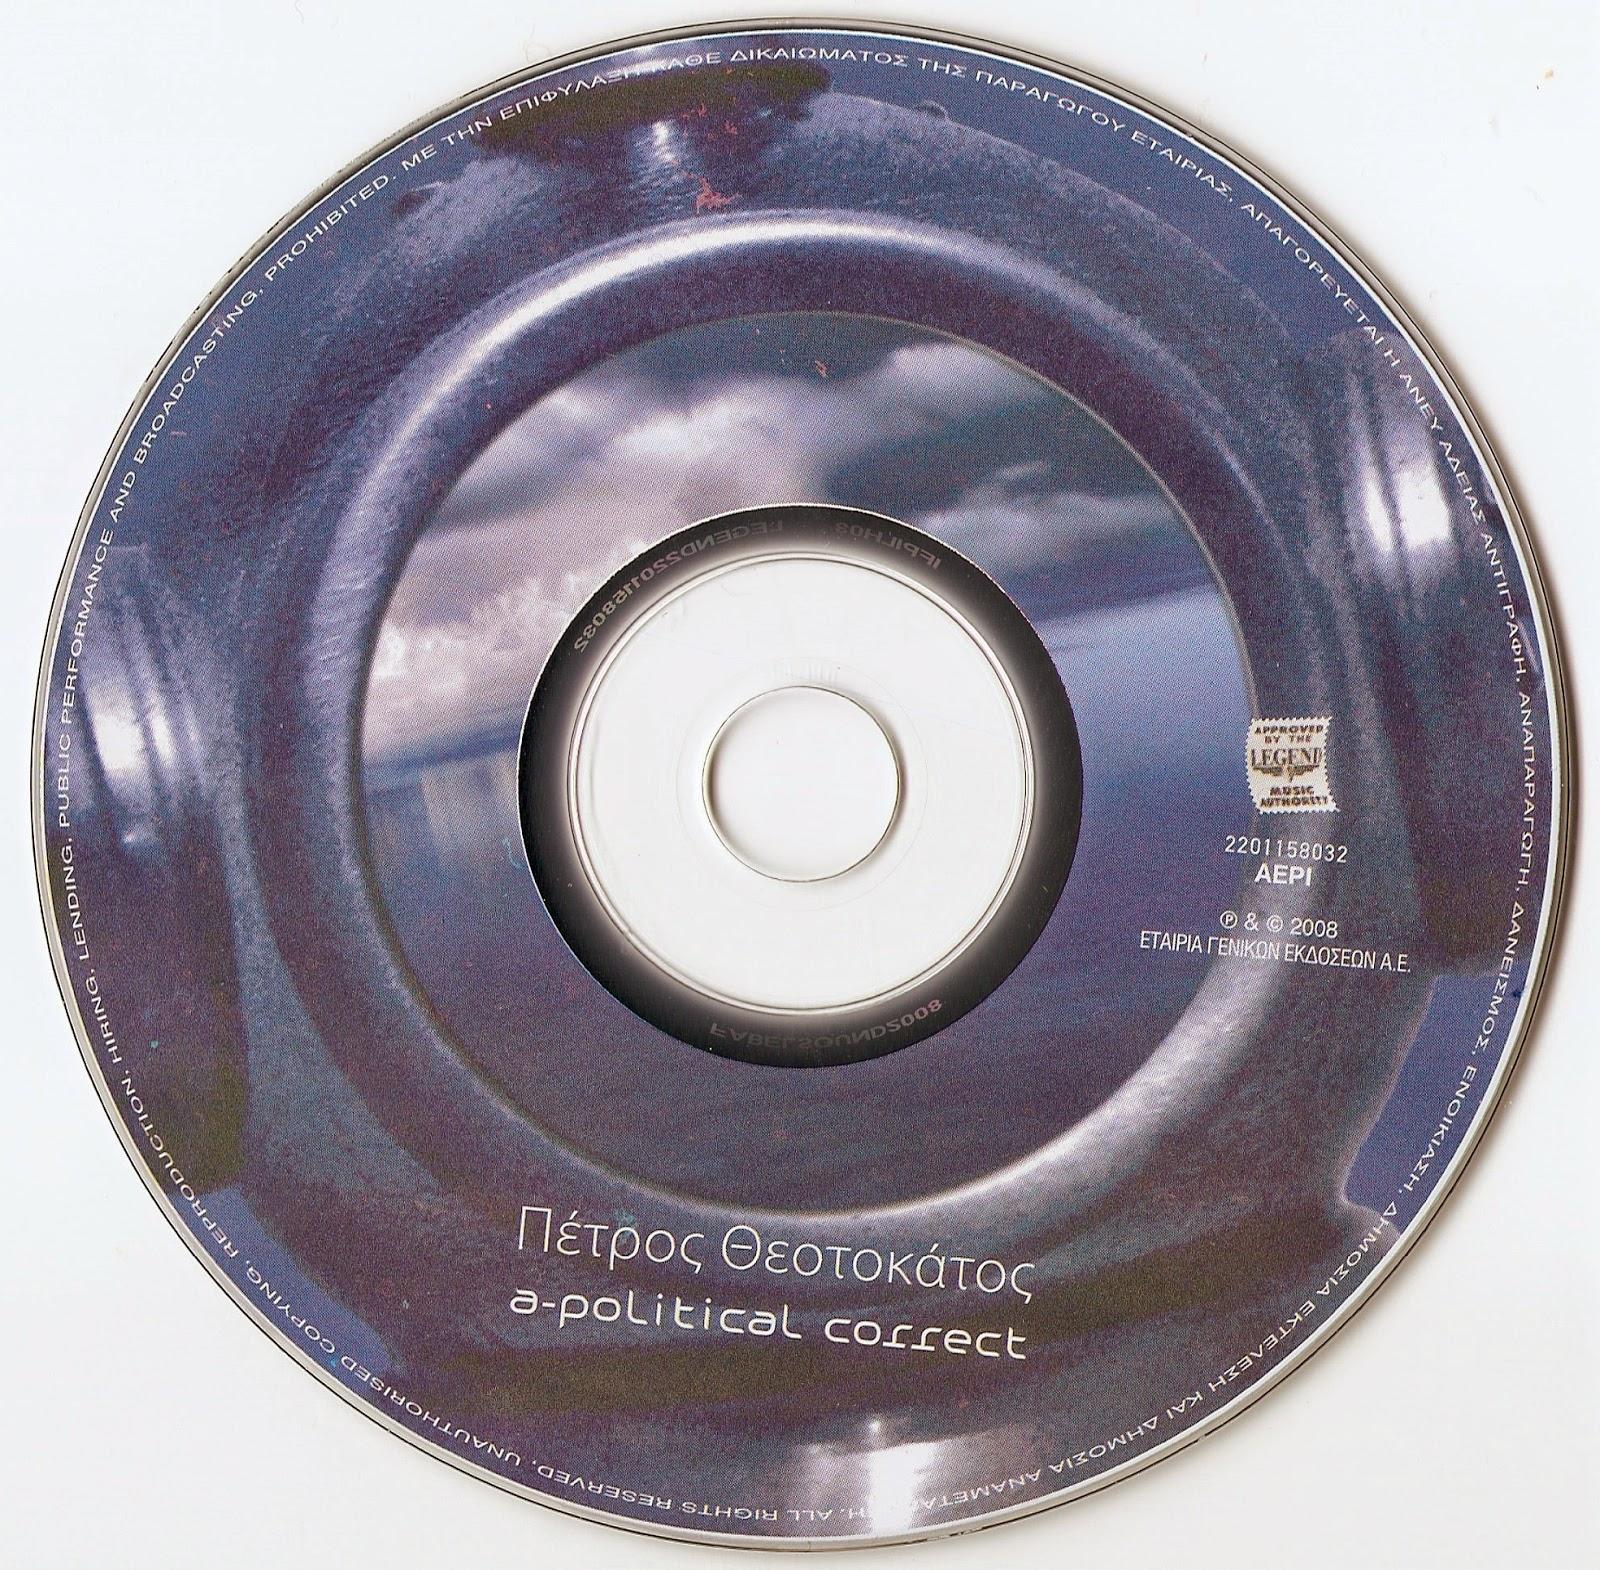 PETROS THEOTOKATOS - A-POLITICAL CORRECT cd